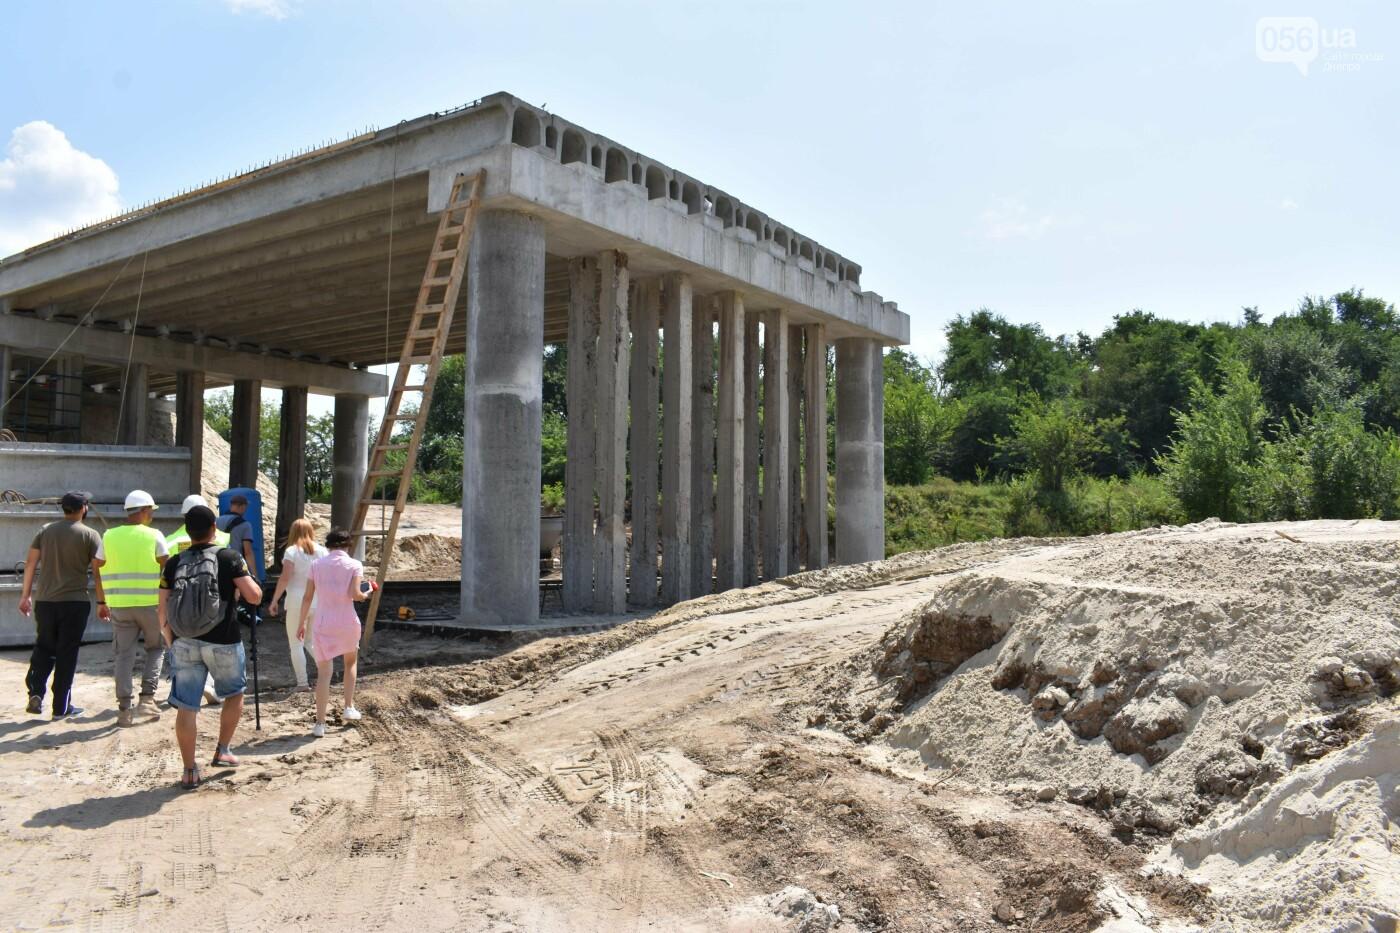 На Днепропетрощине разобрали а потом собрали автодорожный путепровод: ремонт идет 24/7, фото-4